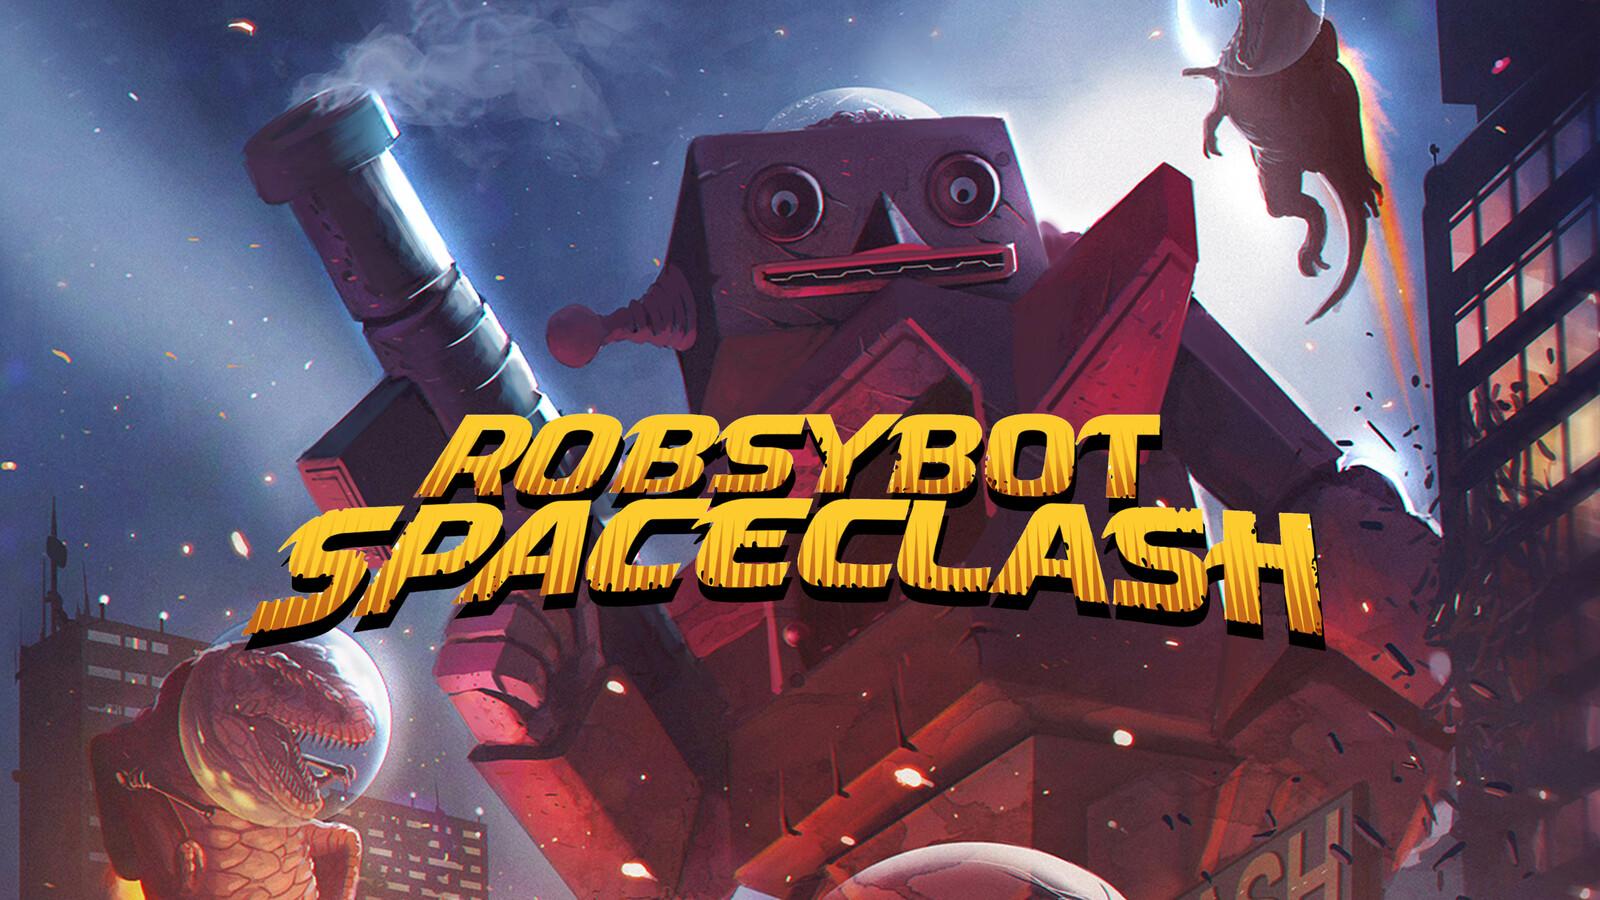 Robsybot Spaceclash